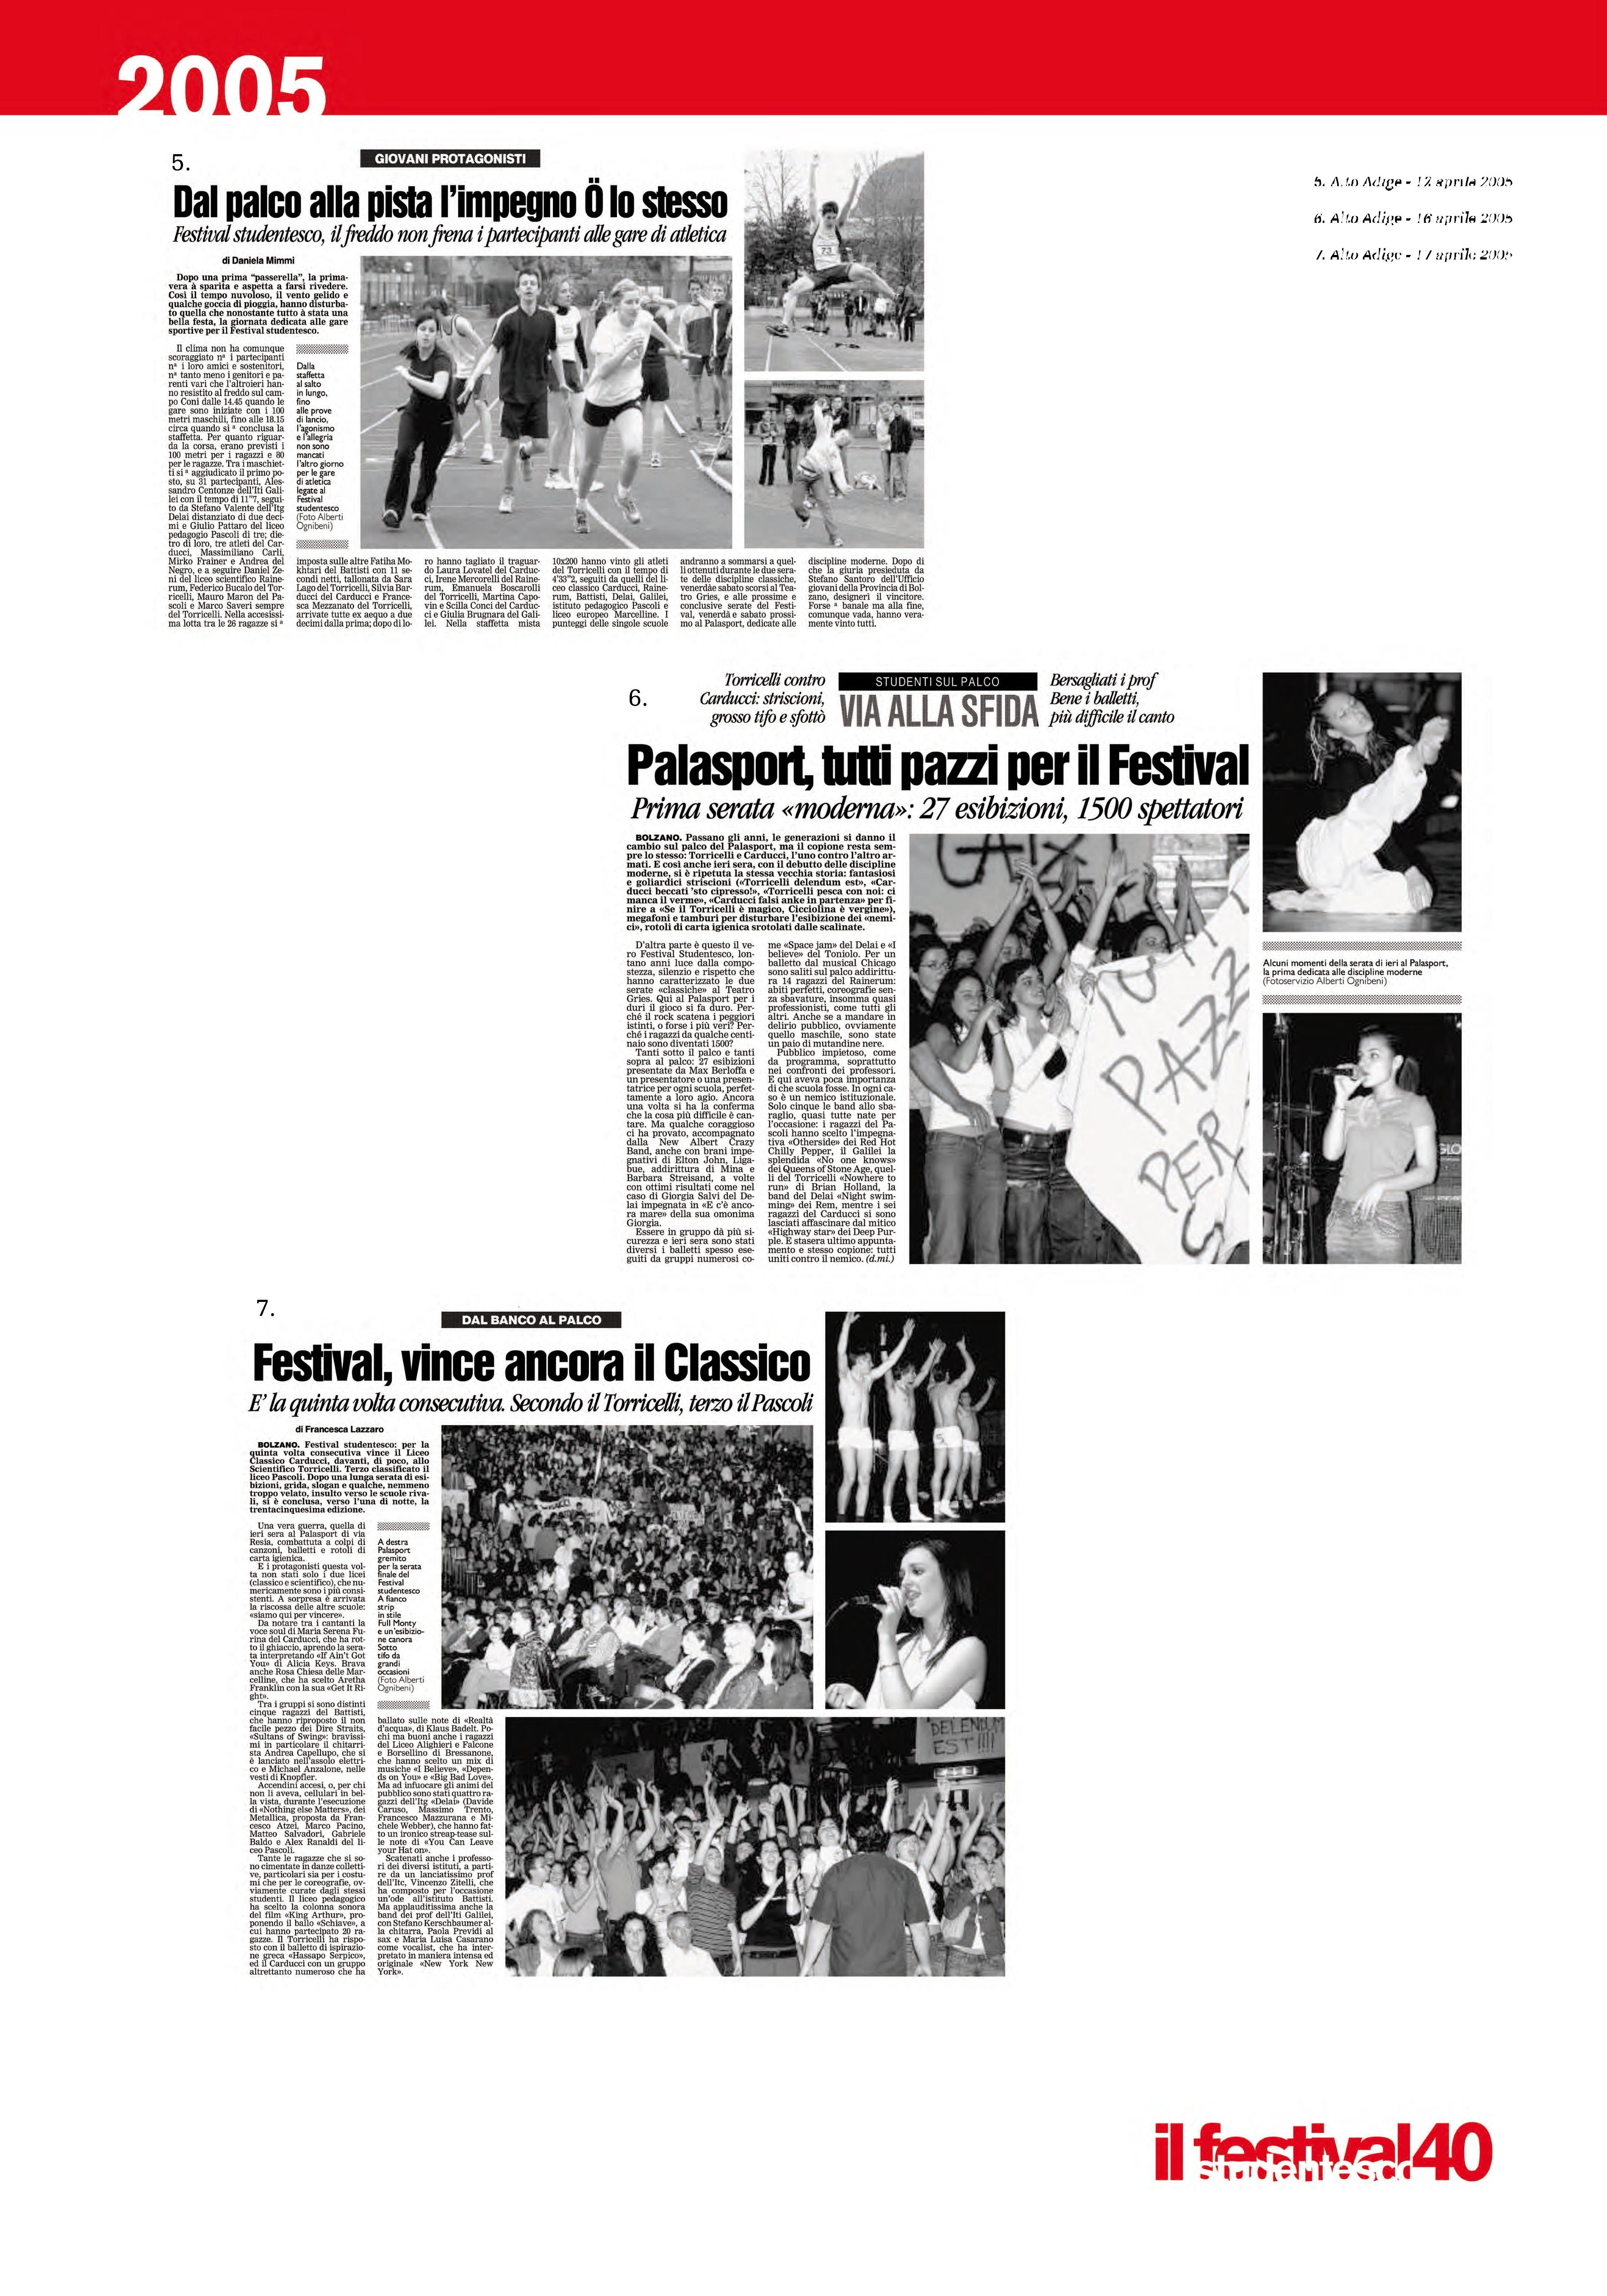 2005_2-2.jpg